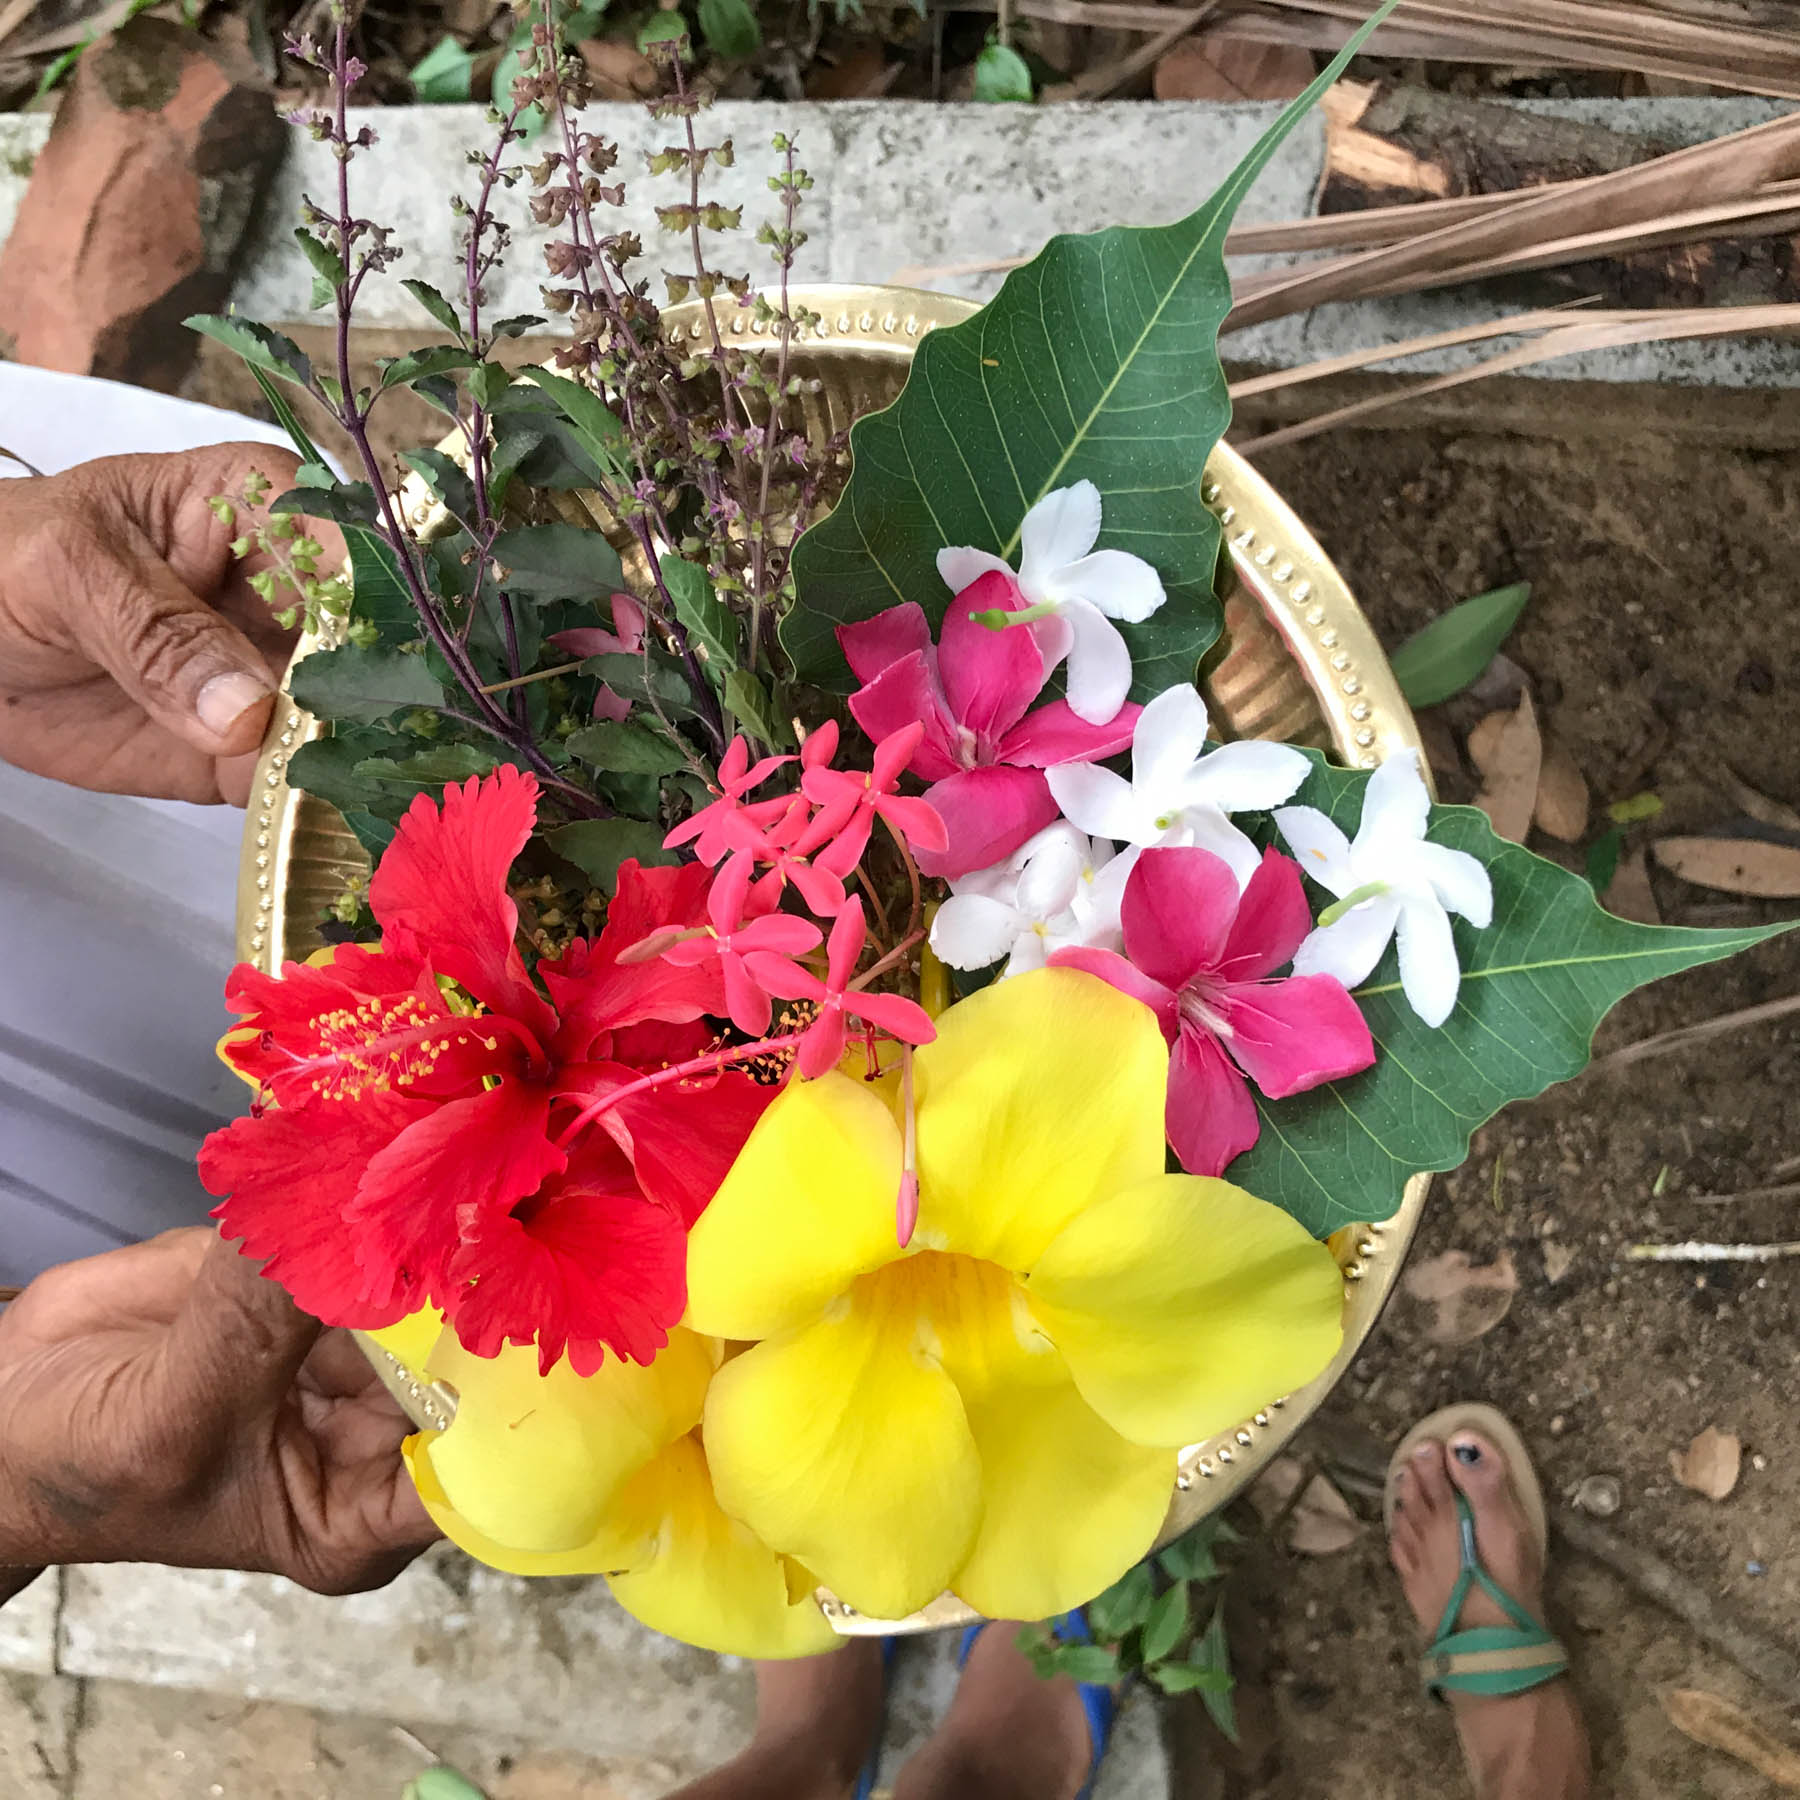 ケララの村のお宅で、トゥルシーなどの植物を摘んで。まるでフラワーアレンジメント!